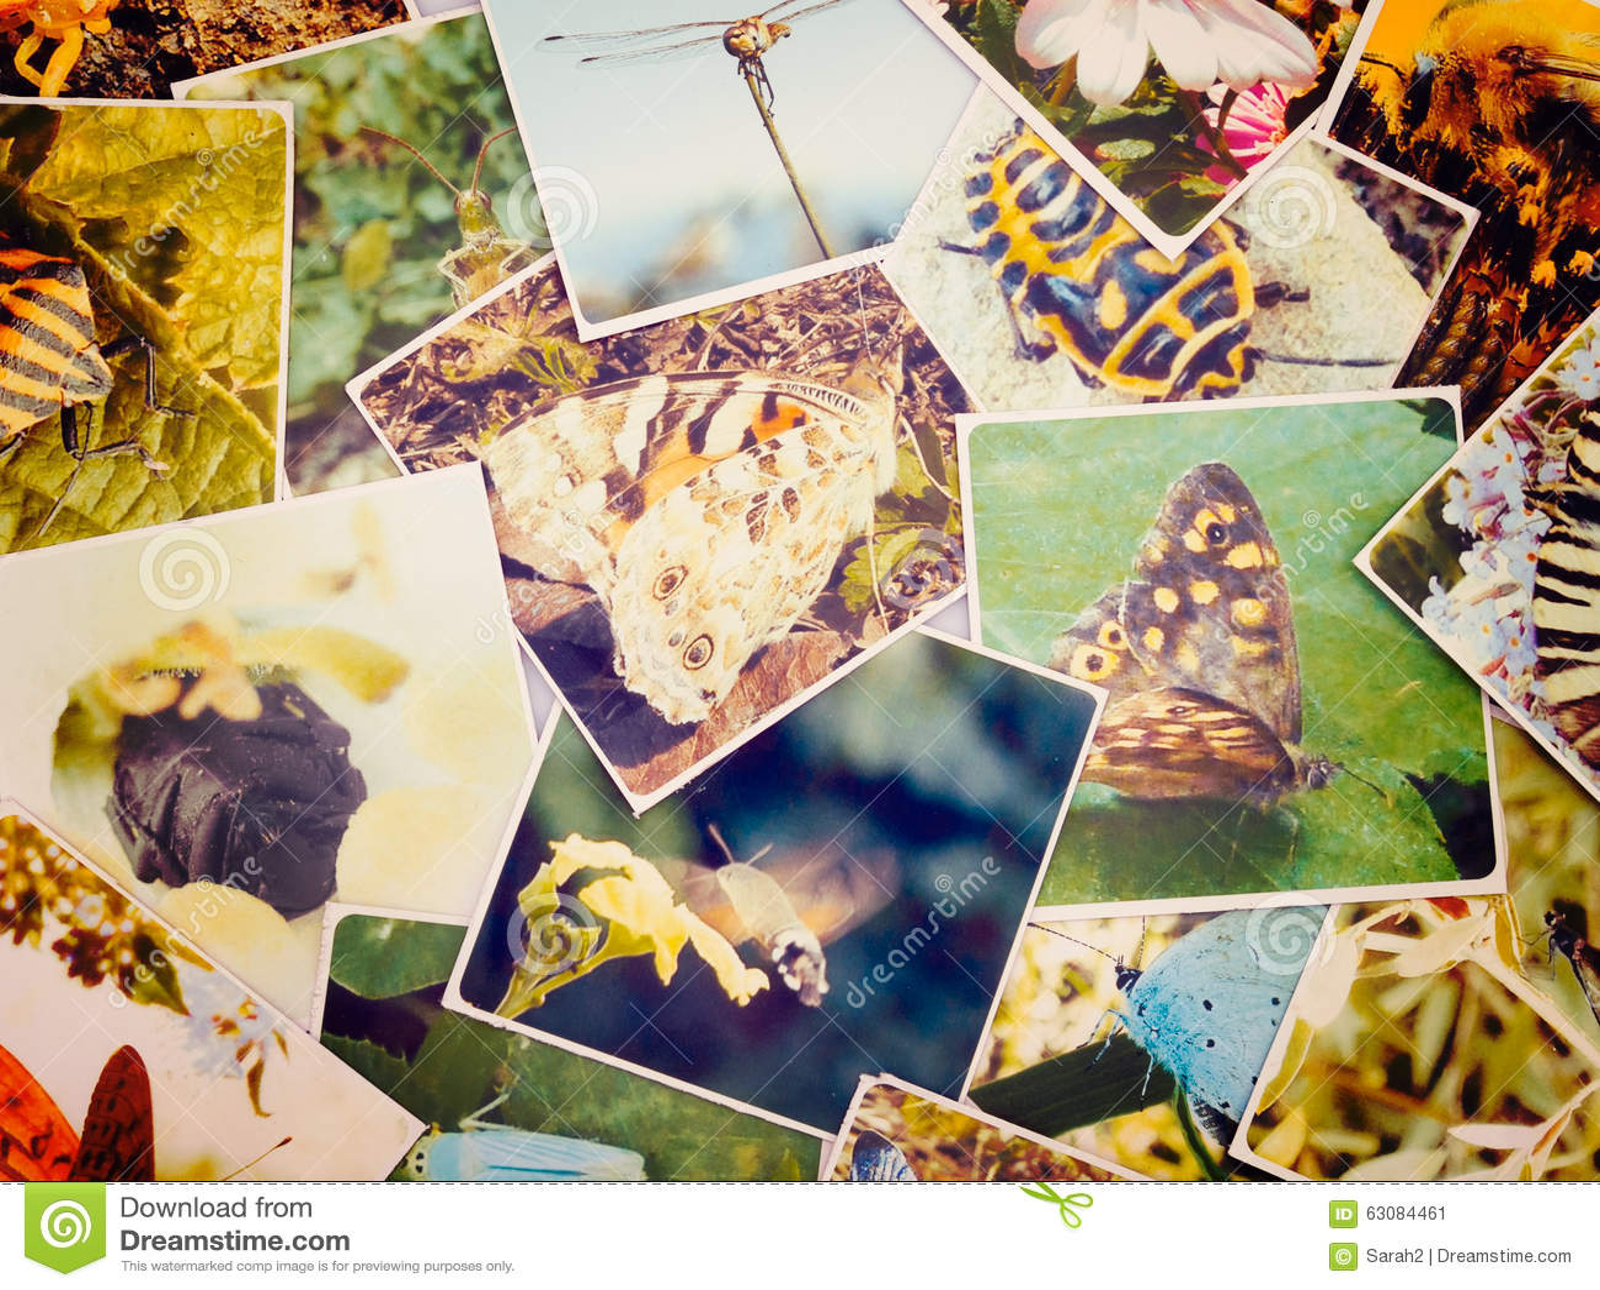 Download Vieilles Photos De Photographie De Nature Et De Macro Image stock - Image du collage, photos: 63084461